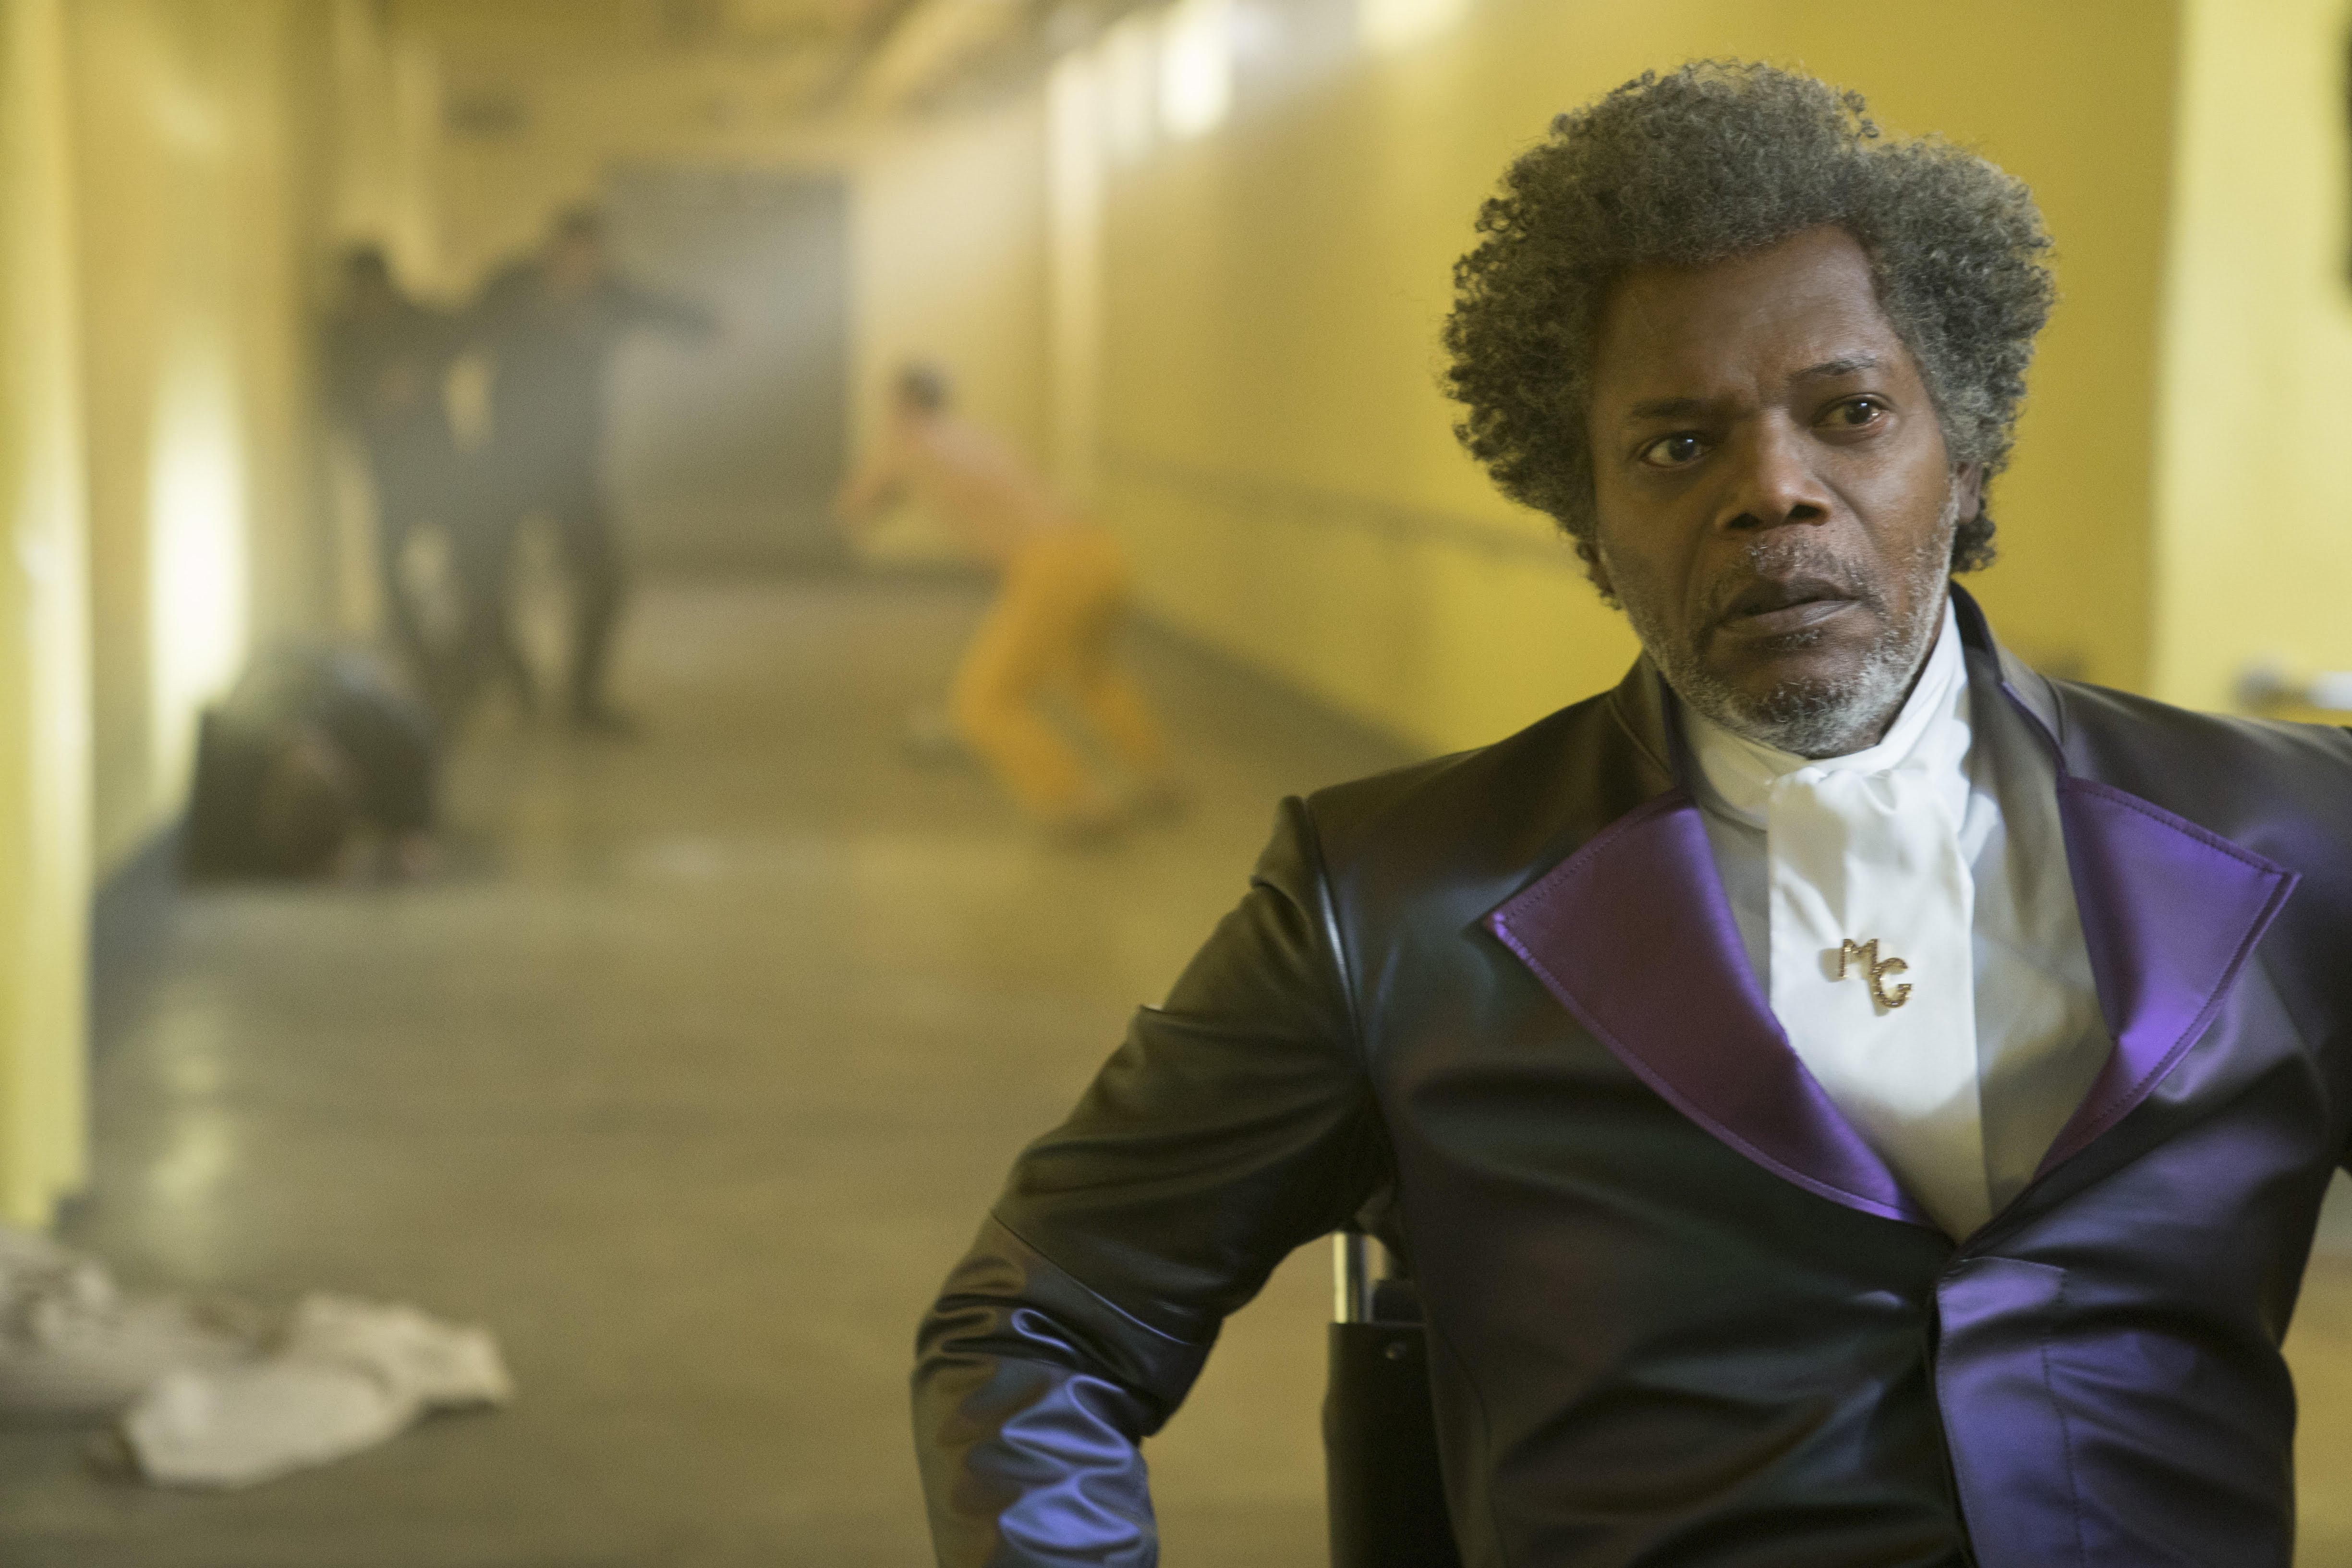 【CIA】Box Office : 1月18日~20日の全米映画ボックスオフィスTOP5 - シャマランひとりよがりの失敗作と酷評されたことで、観客が興味を失った異色のヒーロー映画「グラス」が、予想を大きく下回った結果に甘んじるも、前作「スプリット」と同等の封切り成績を稼いだヒットの初登場第1位 ! !